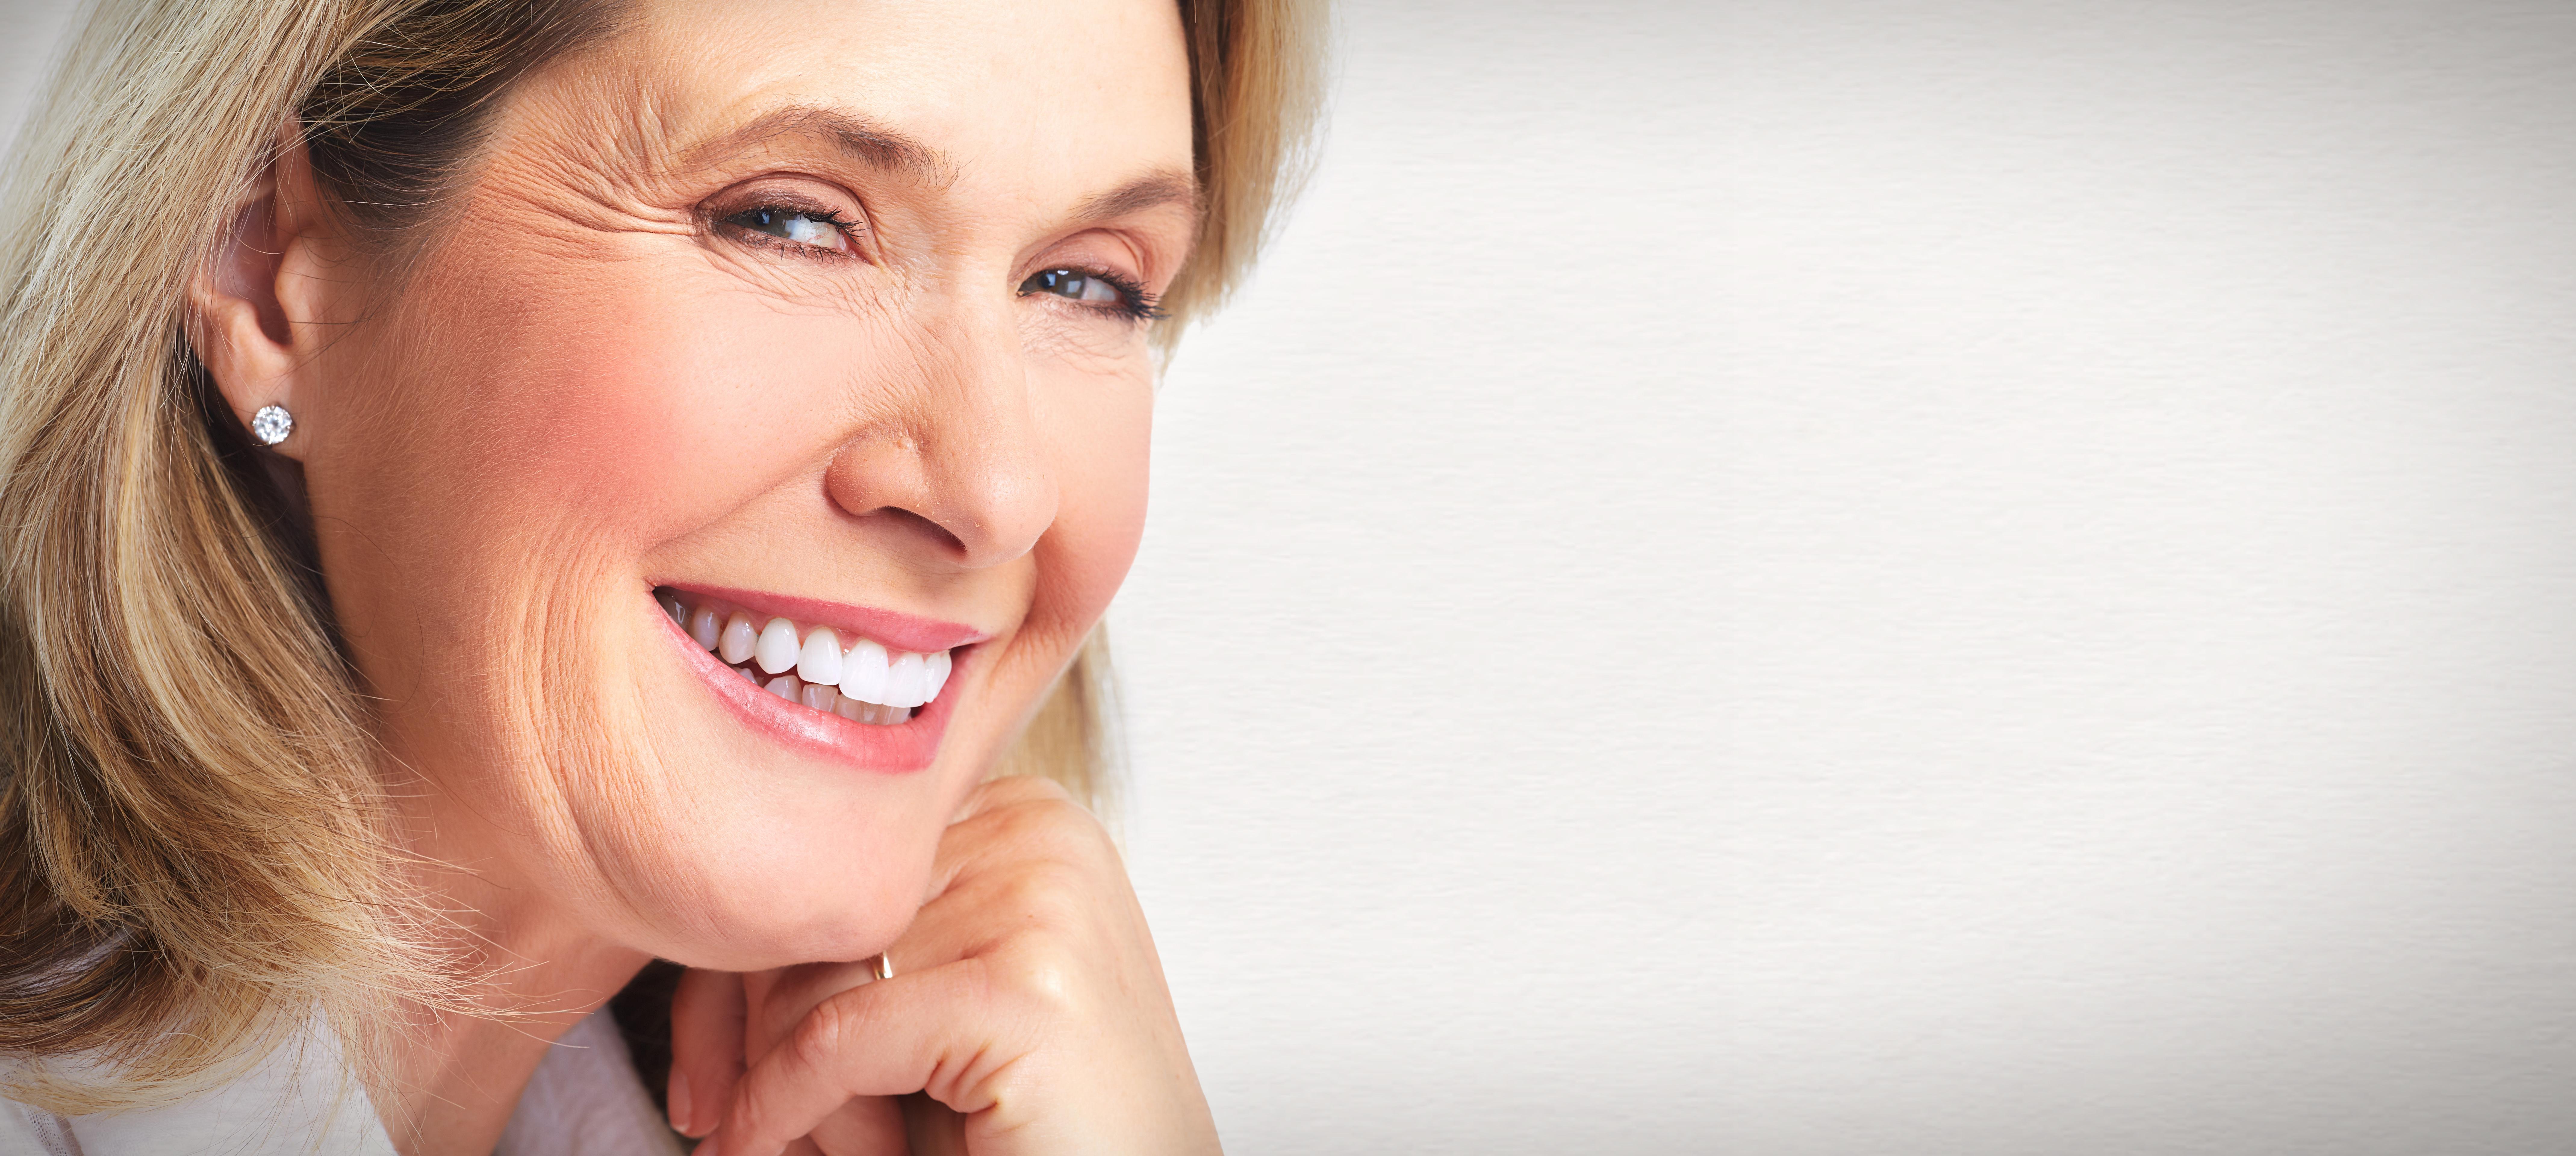 Carla Hidalgo Foto Porno wij zorgen voor een mooie lach. | tandartspraktijk in oostzaan